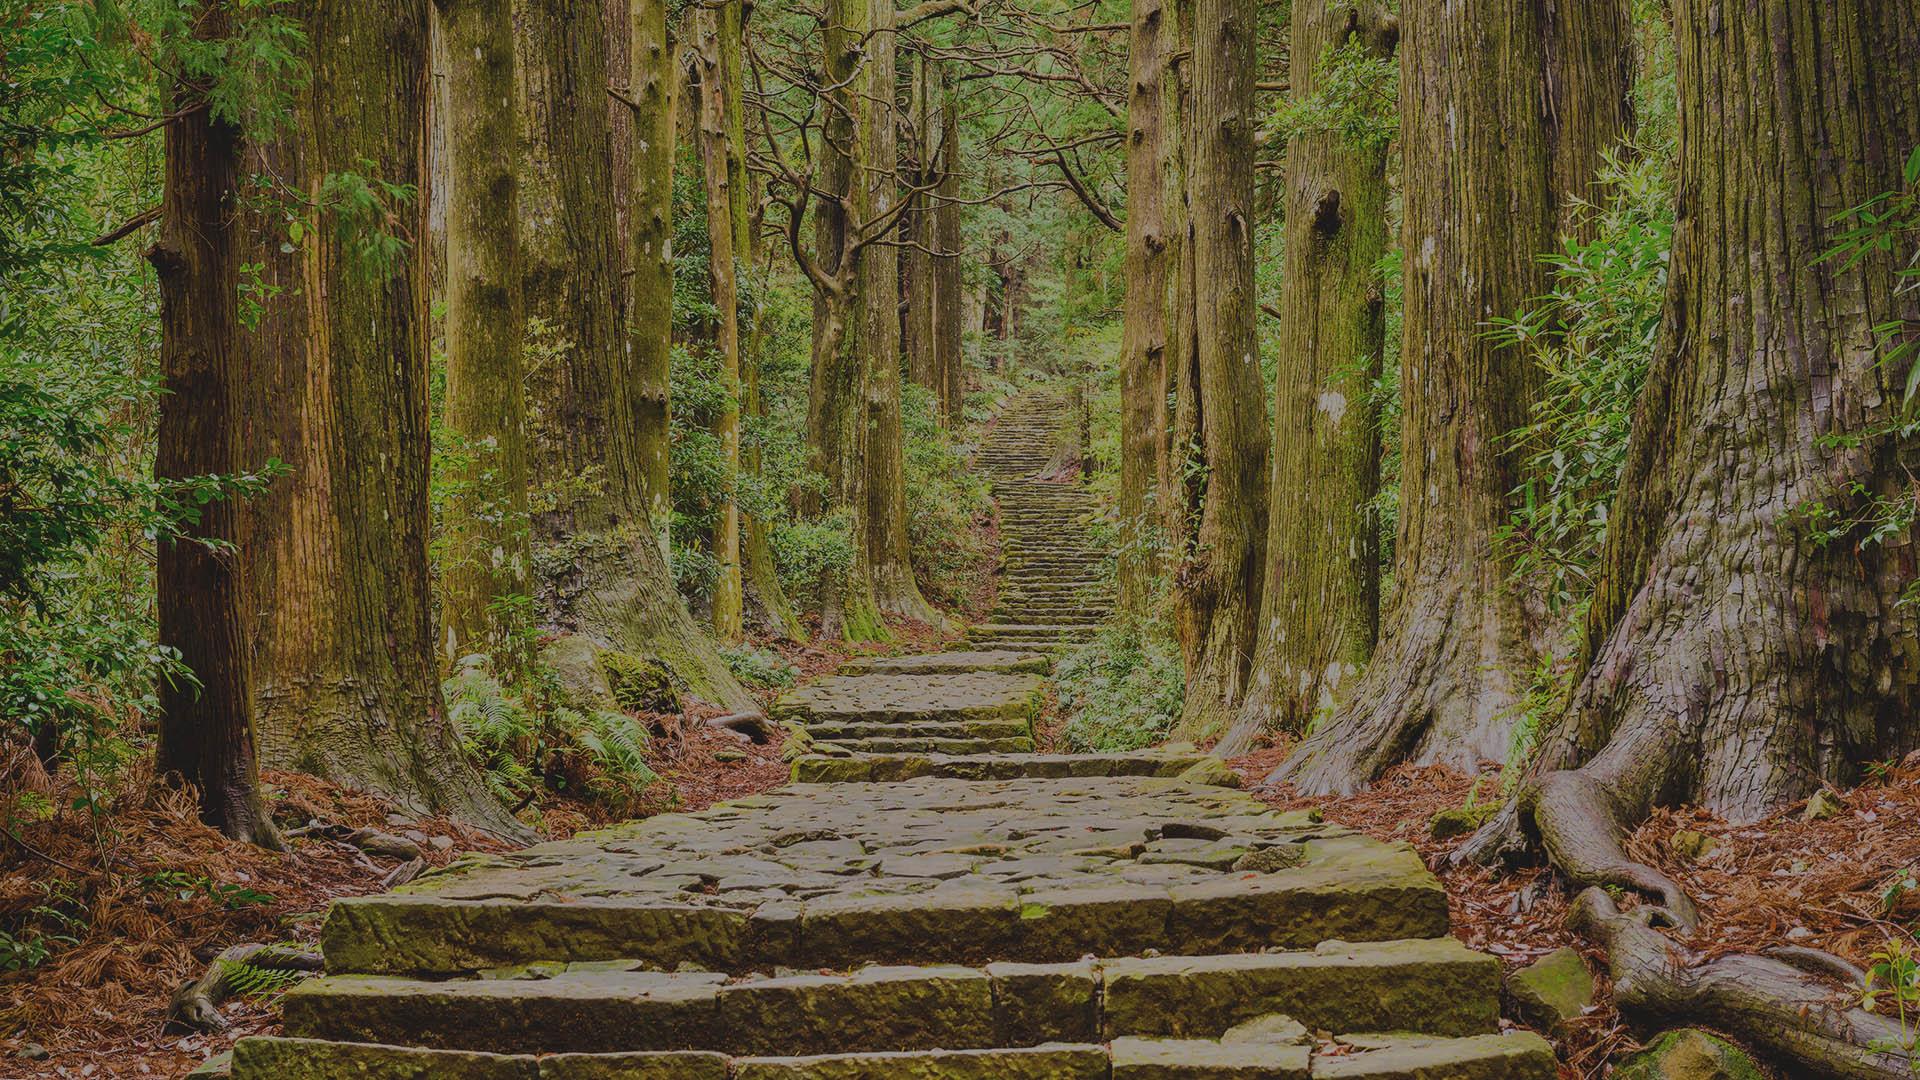 bosco di conifere per produzione pellet